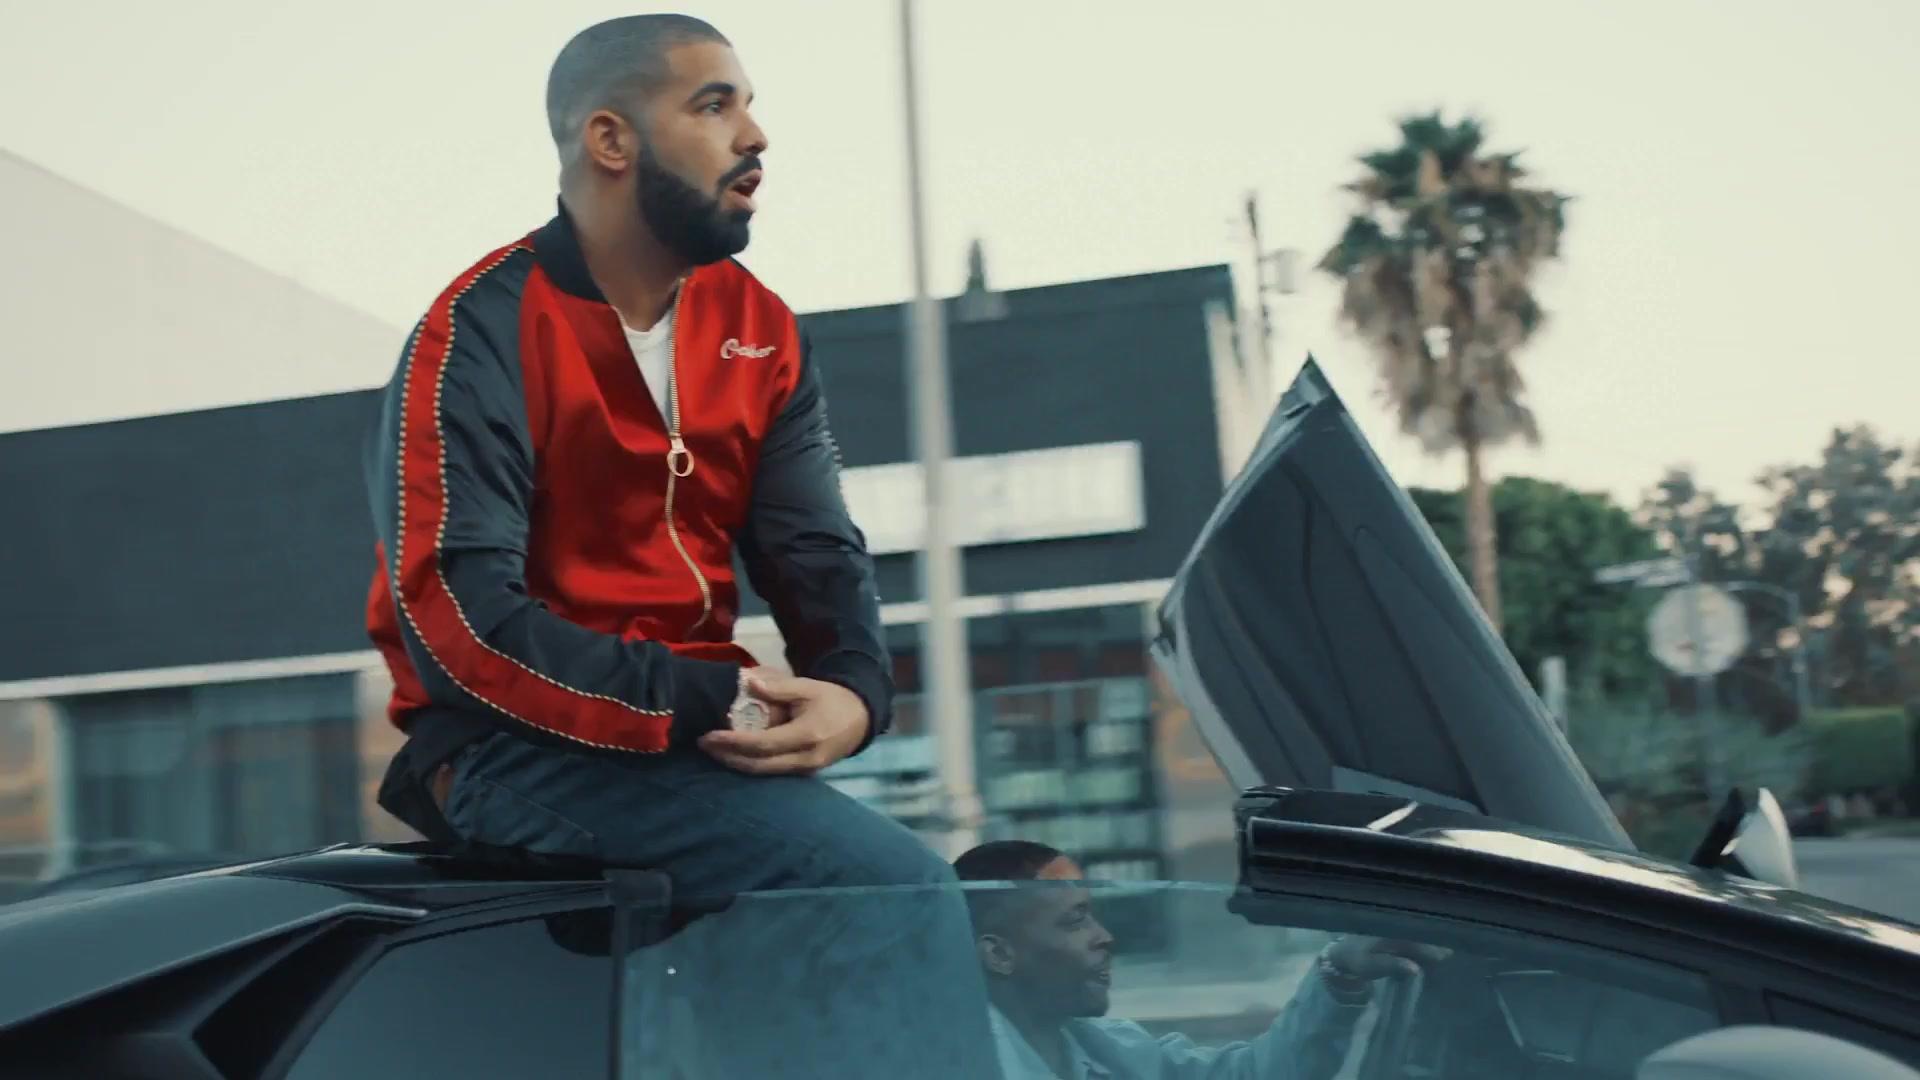 Yg Why You Always Hatin Feat Drake Kamaiyah Video Mixtape Tv